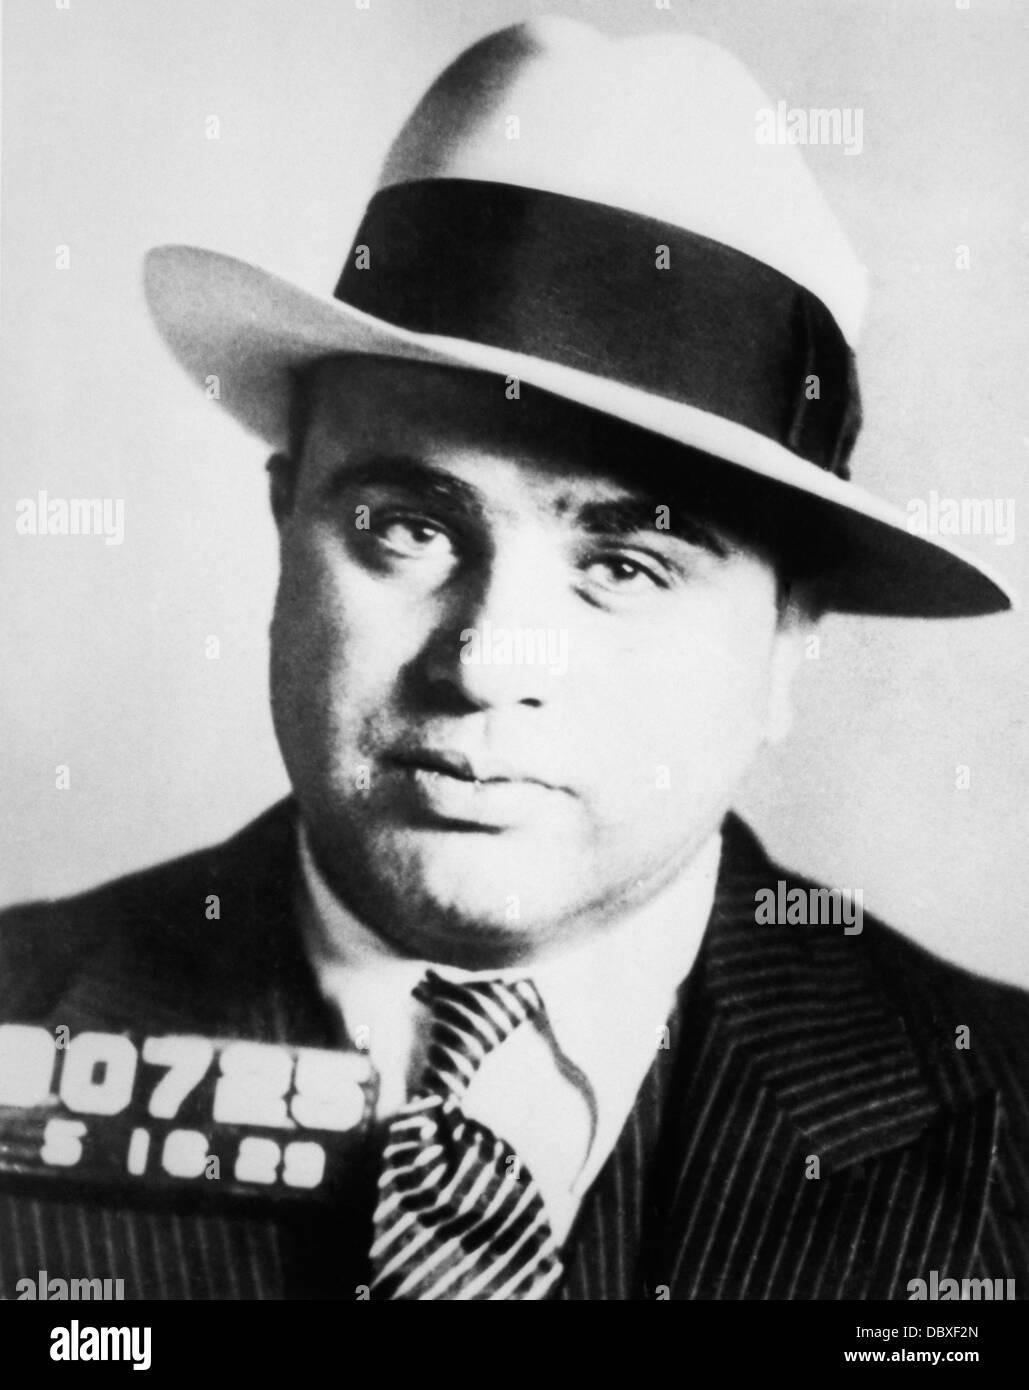 1920s prigione MUG SHOT DI CHICAGO GANGSTER SCARFACE AL CAPONE Immagini Stock